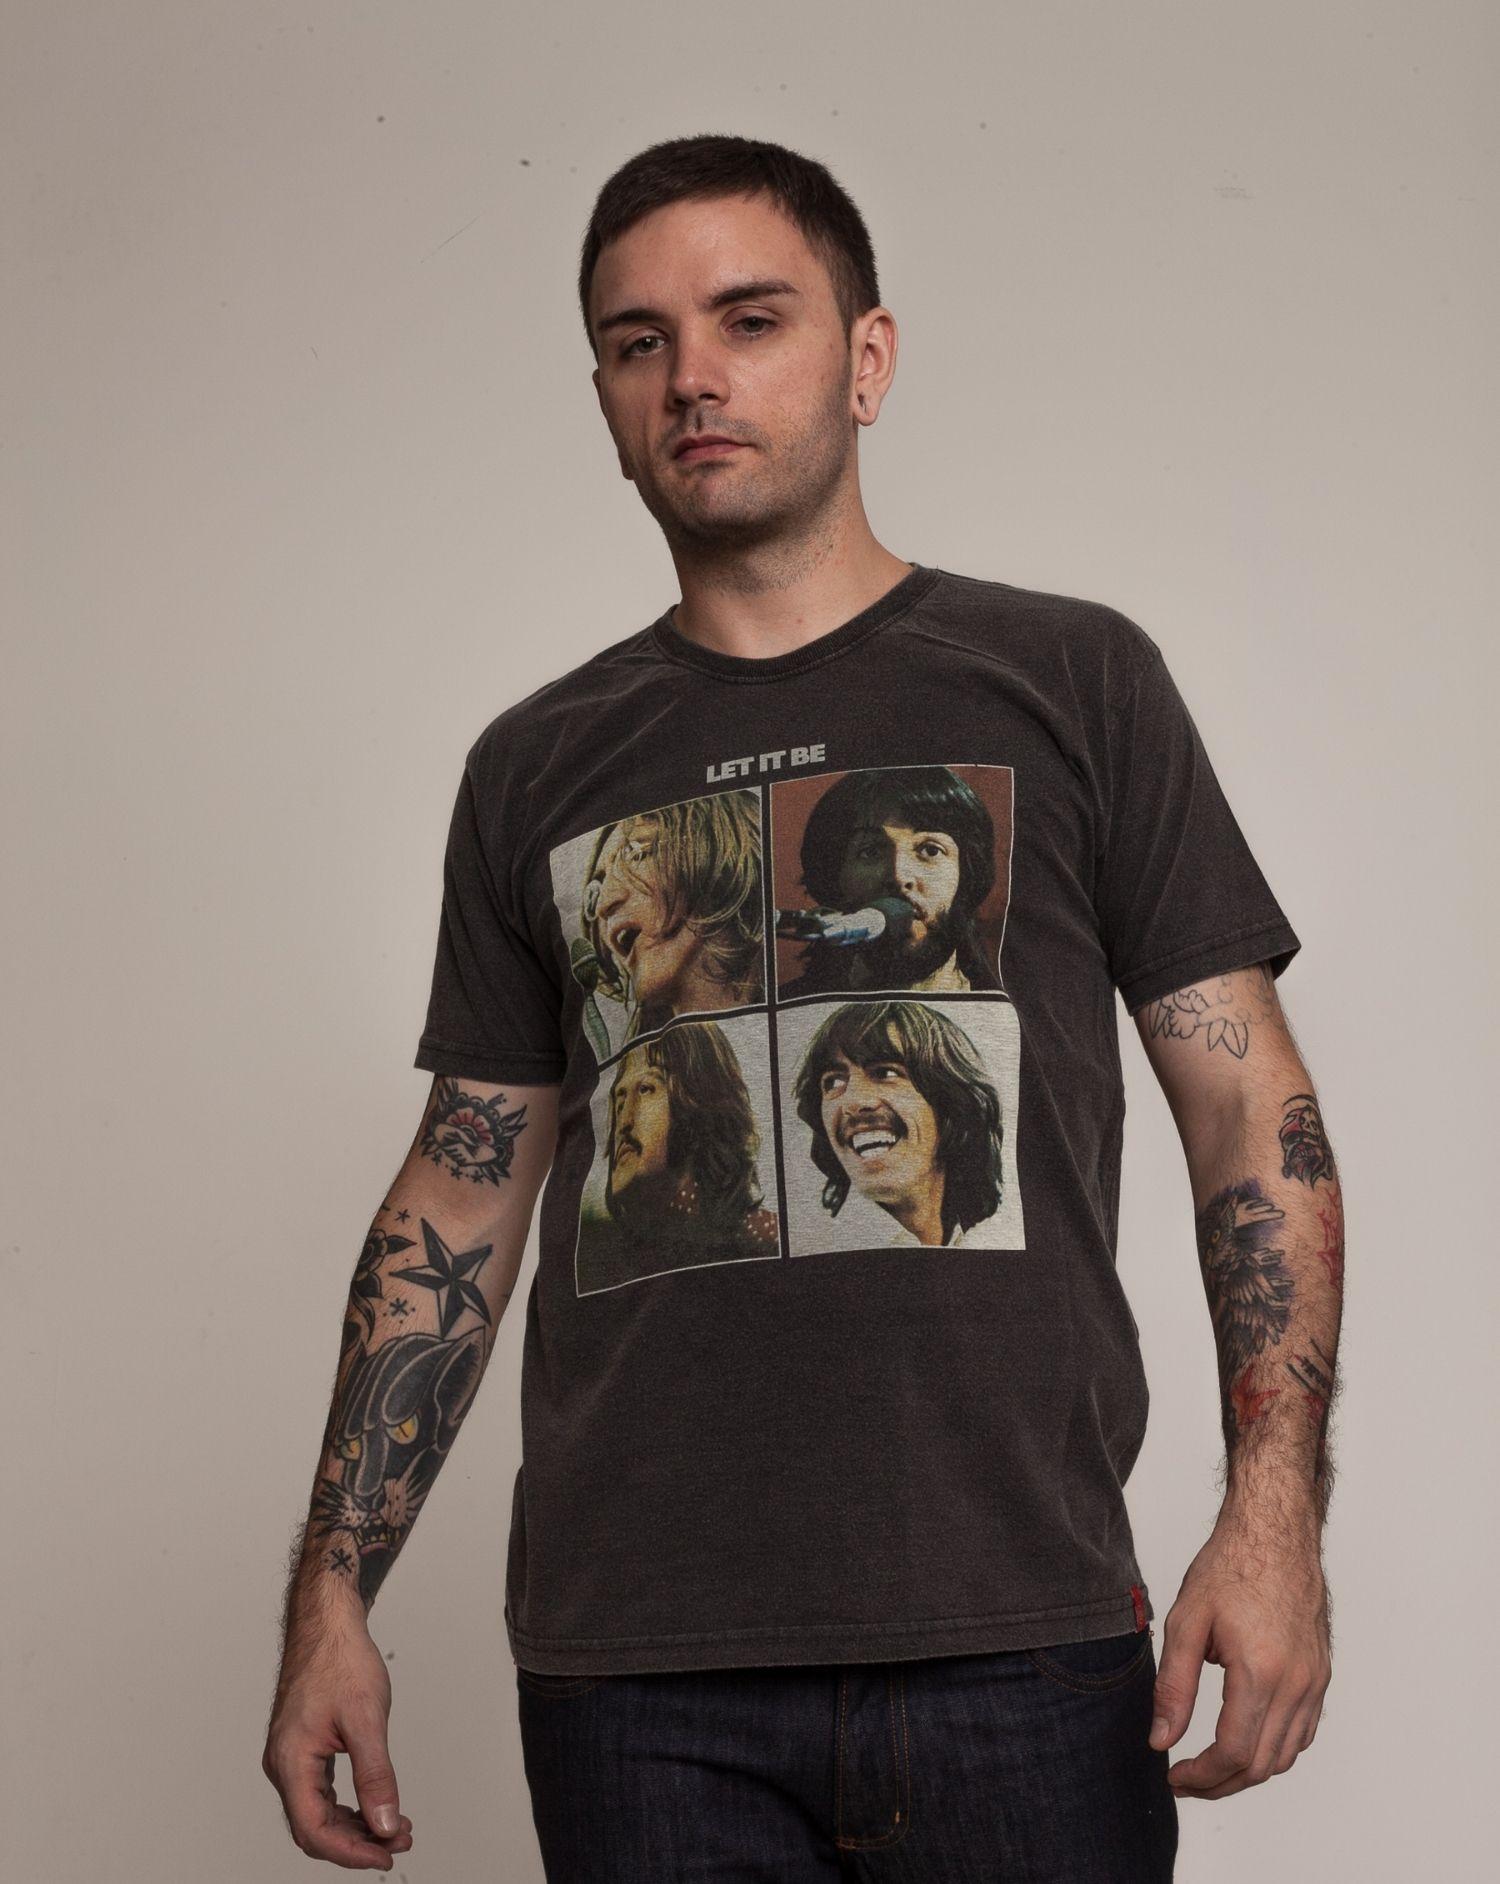 Camiseta Beatles Let it Be